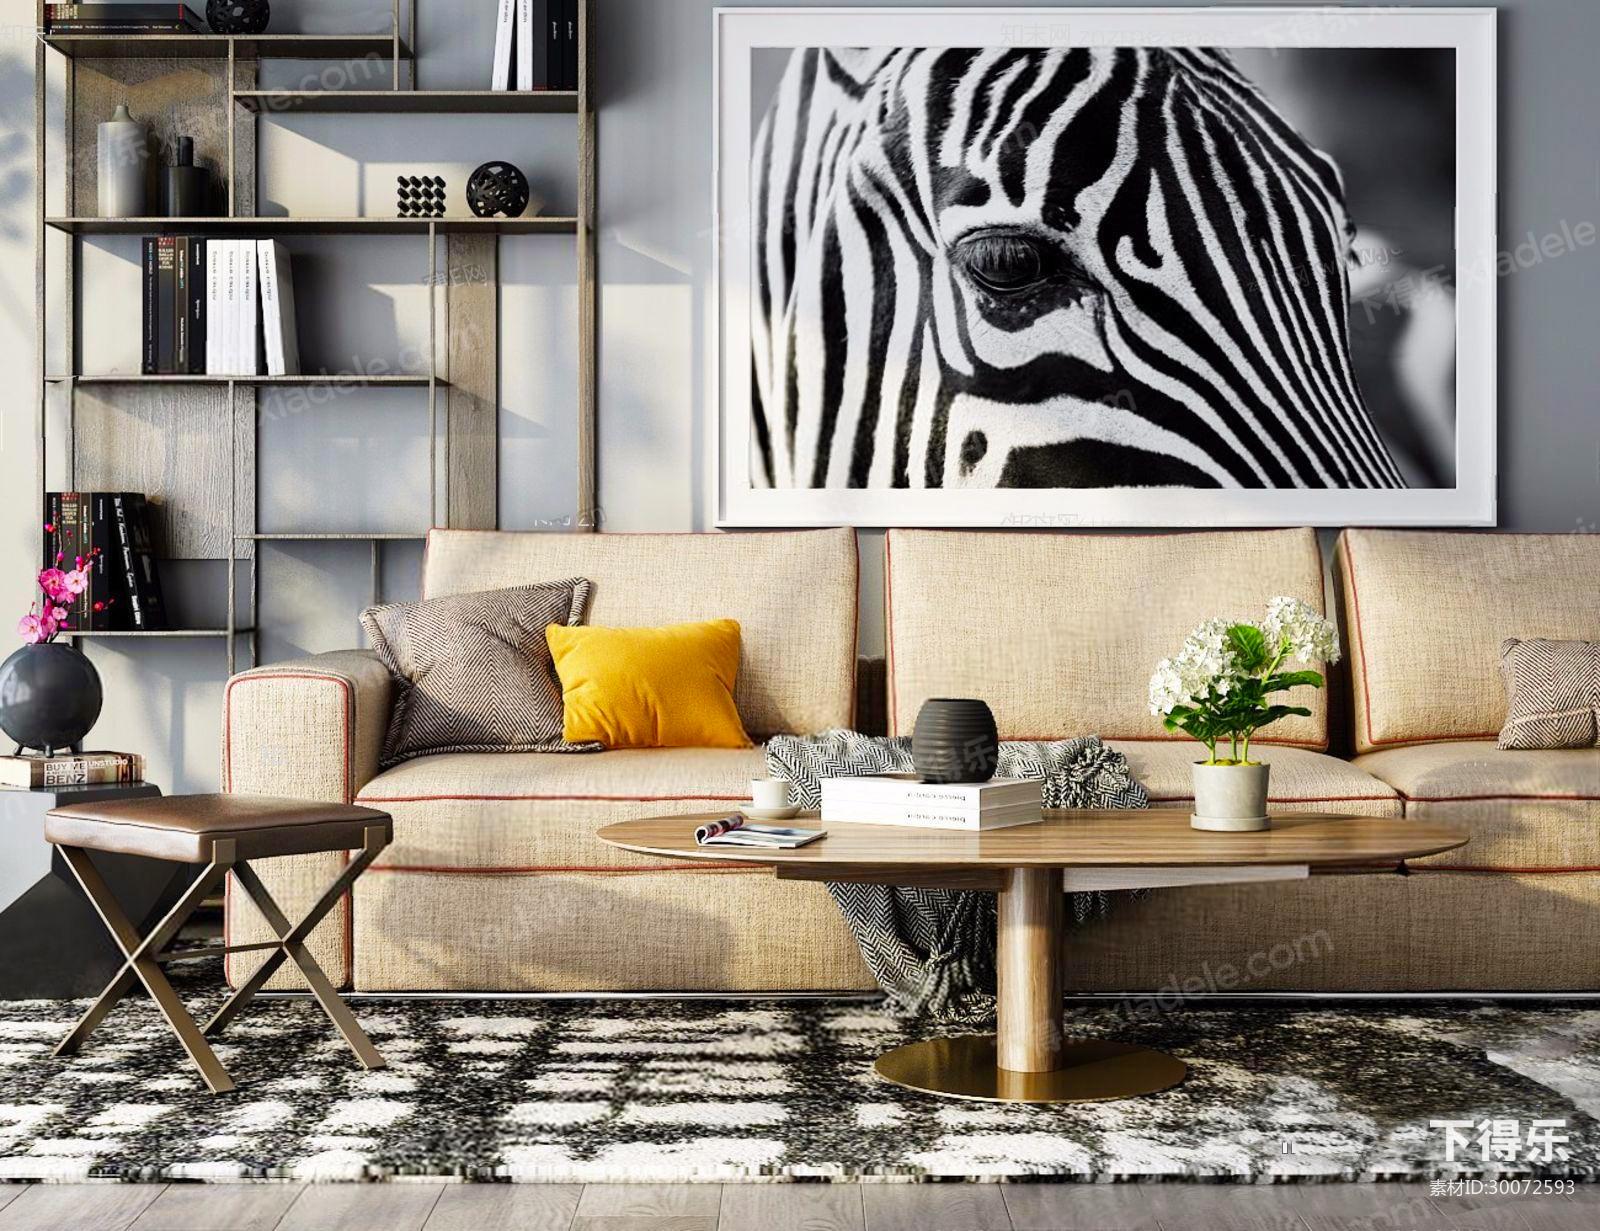 北欧浅黄色沙发,茶几,挂画组合_3d模型下载__3d模型